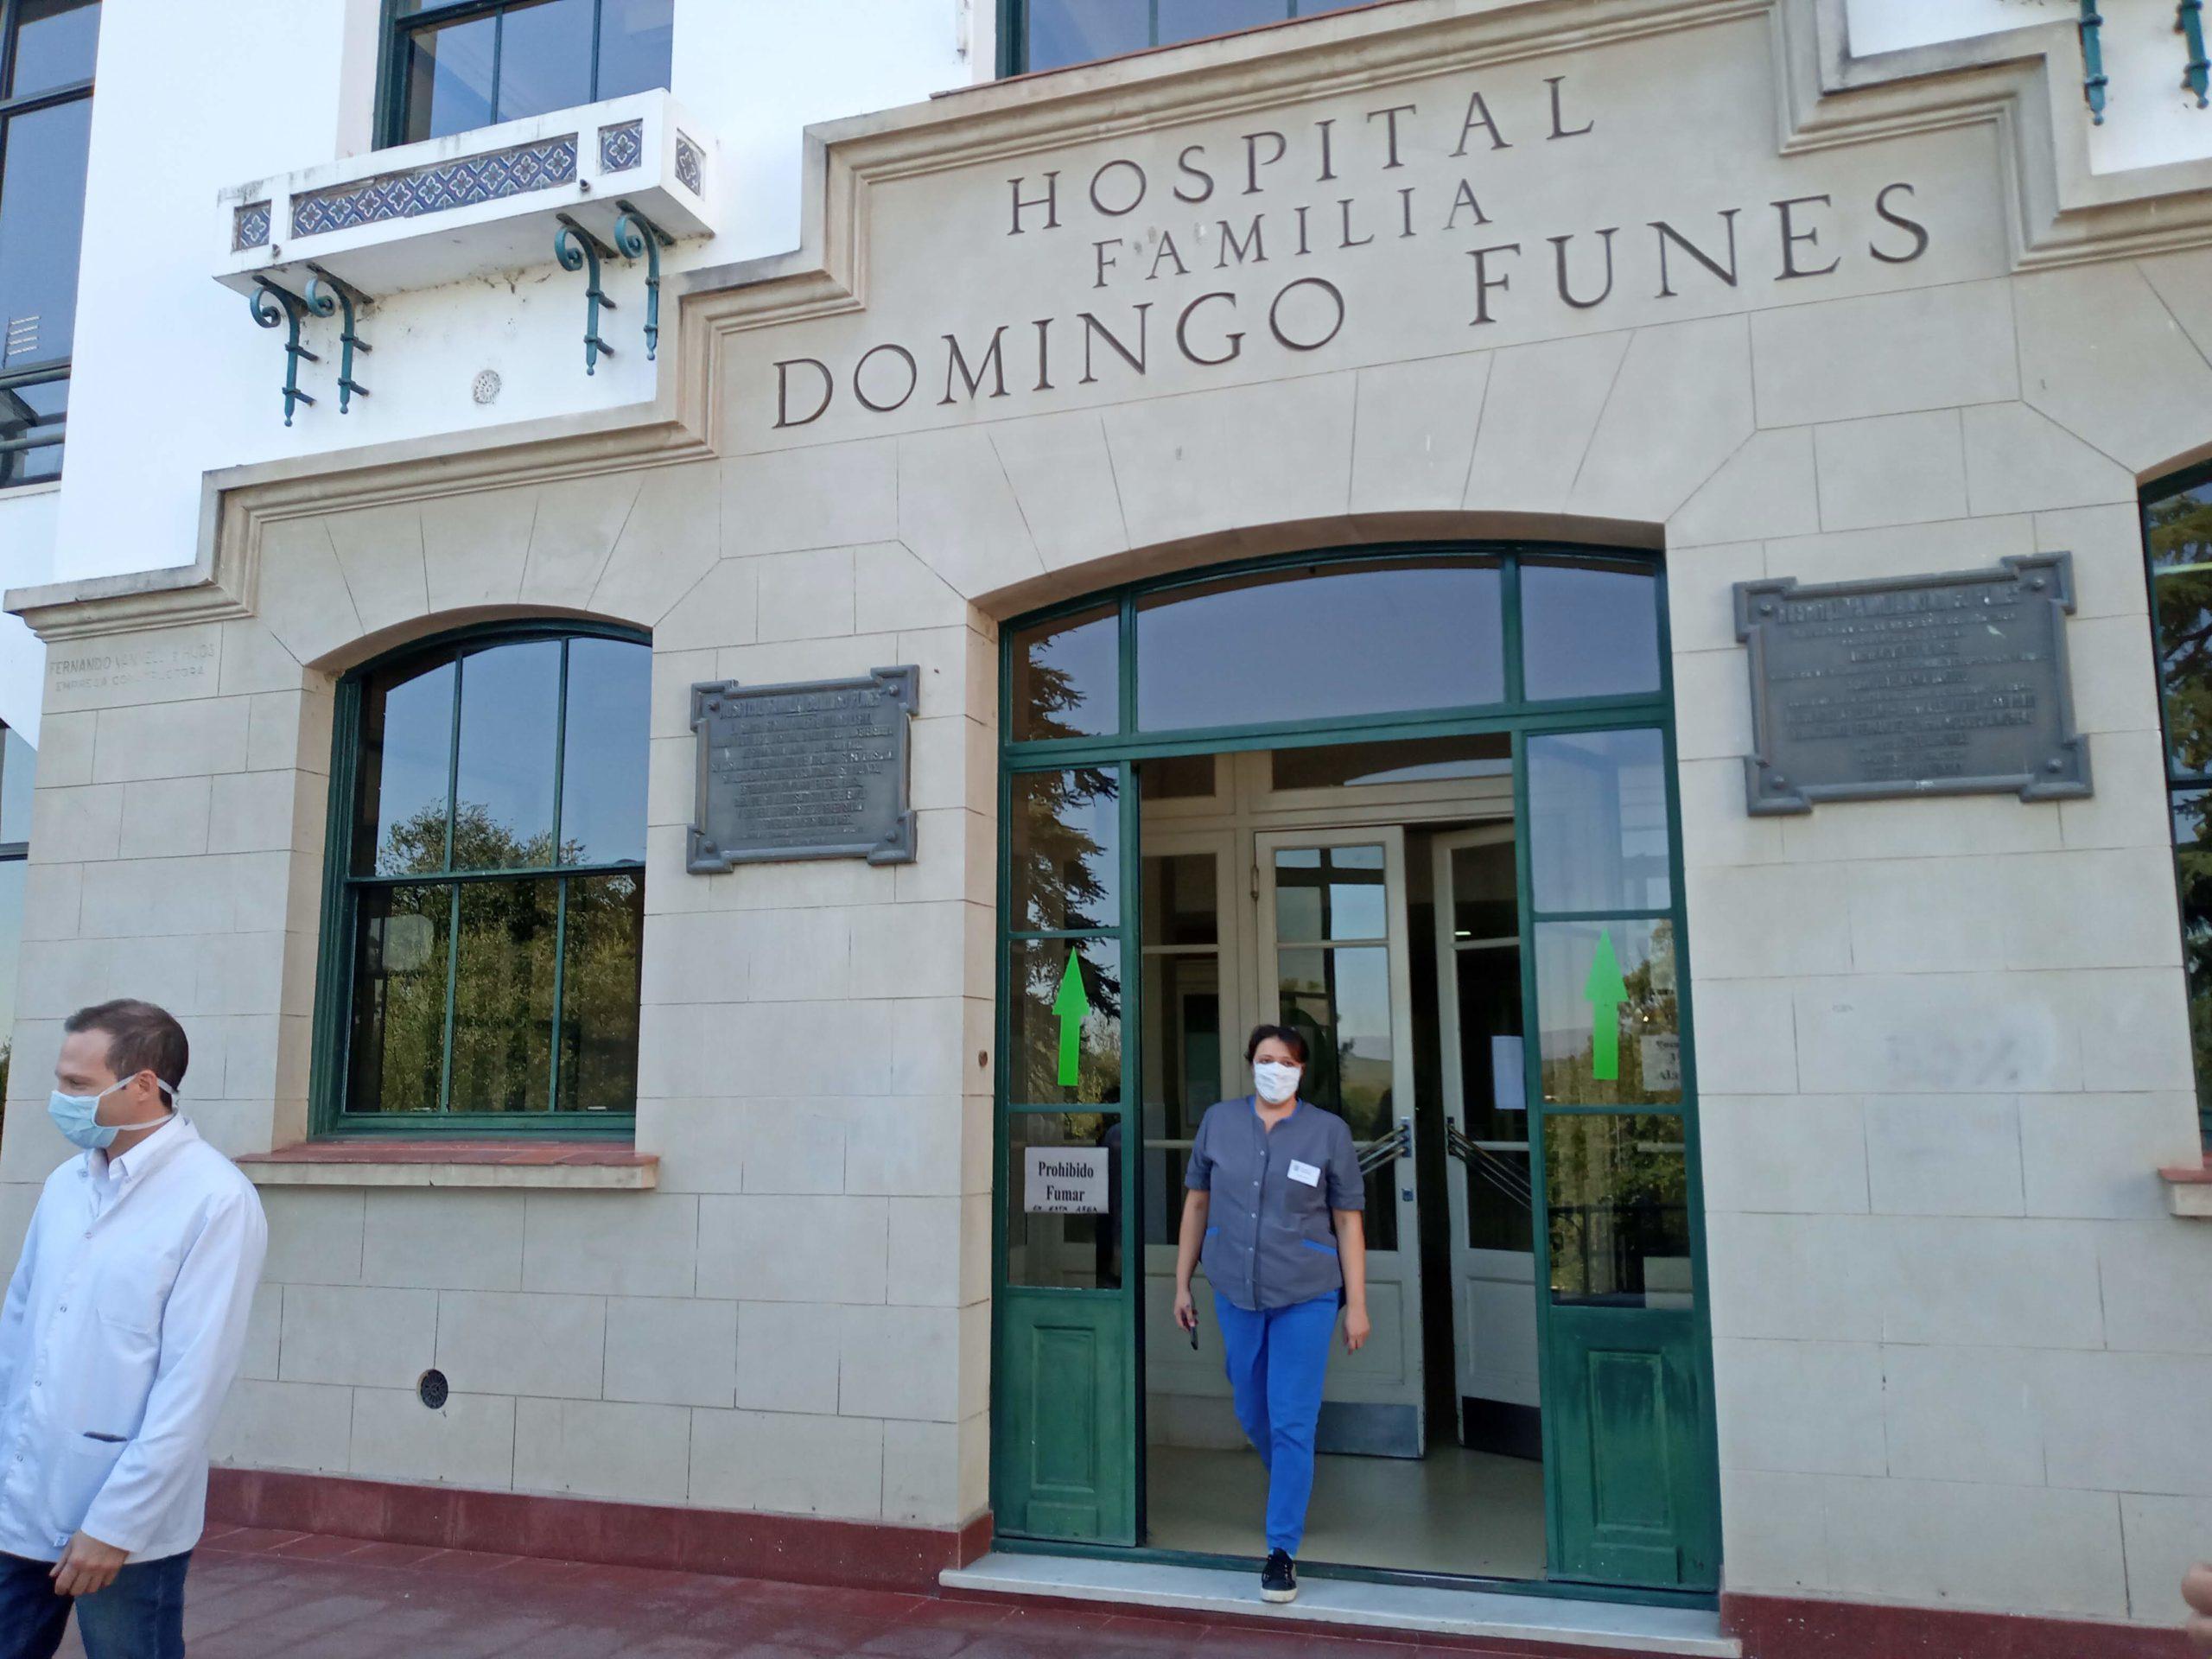 El gremio asegura que el Domingo Funes también está saturado de pacientes Covid